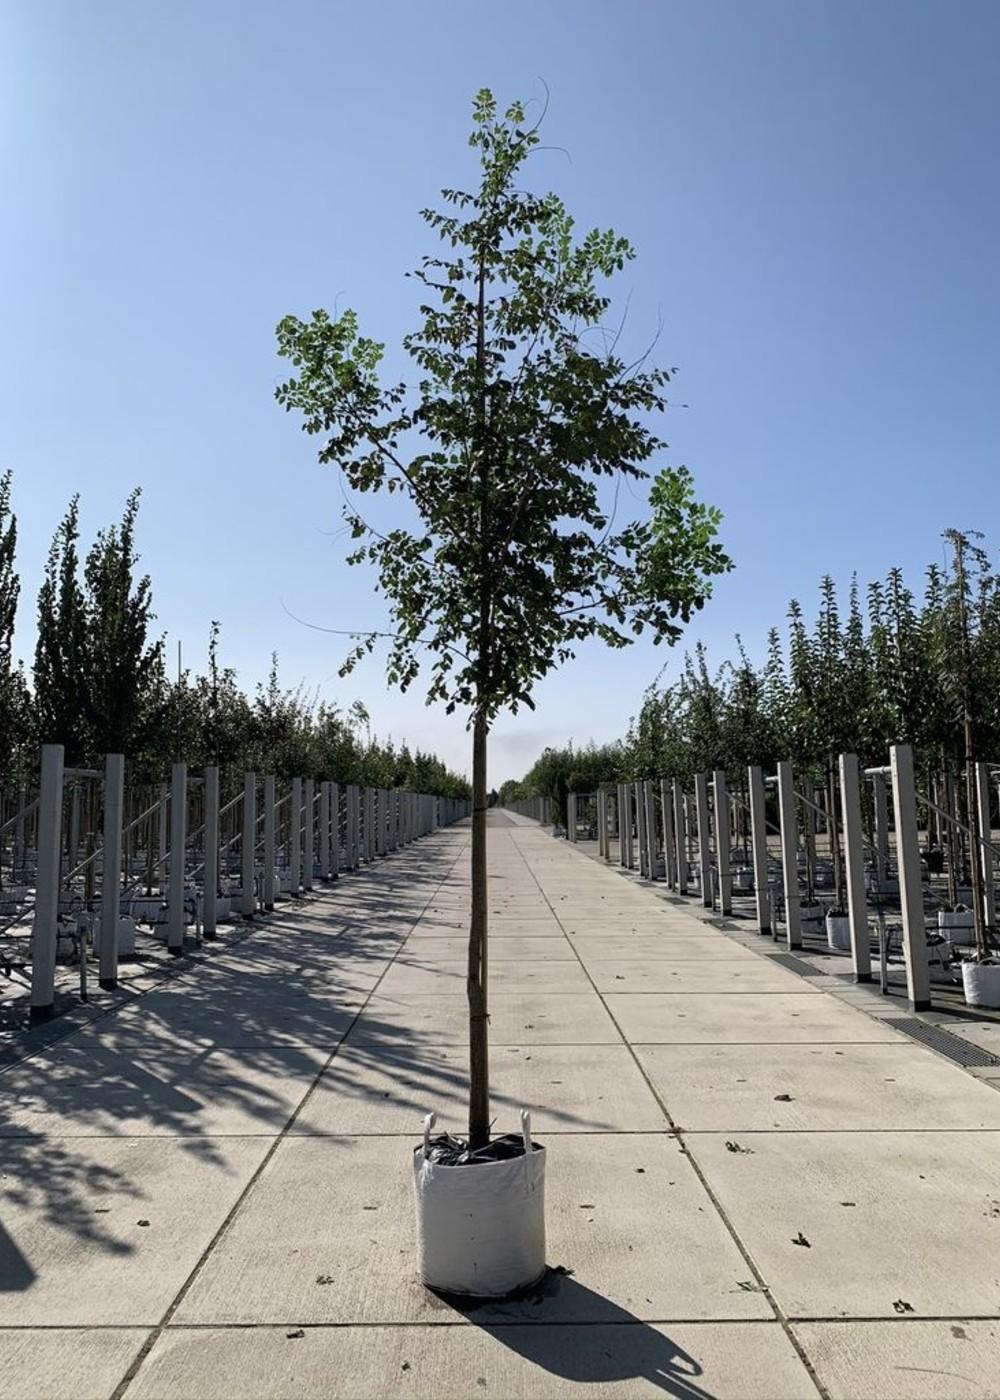 Blasenbaum | Koelreuteria paniculata